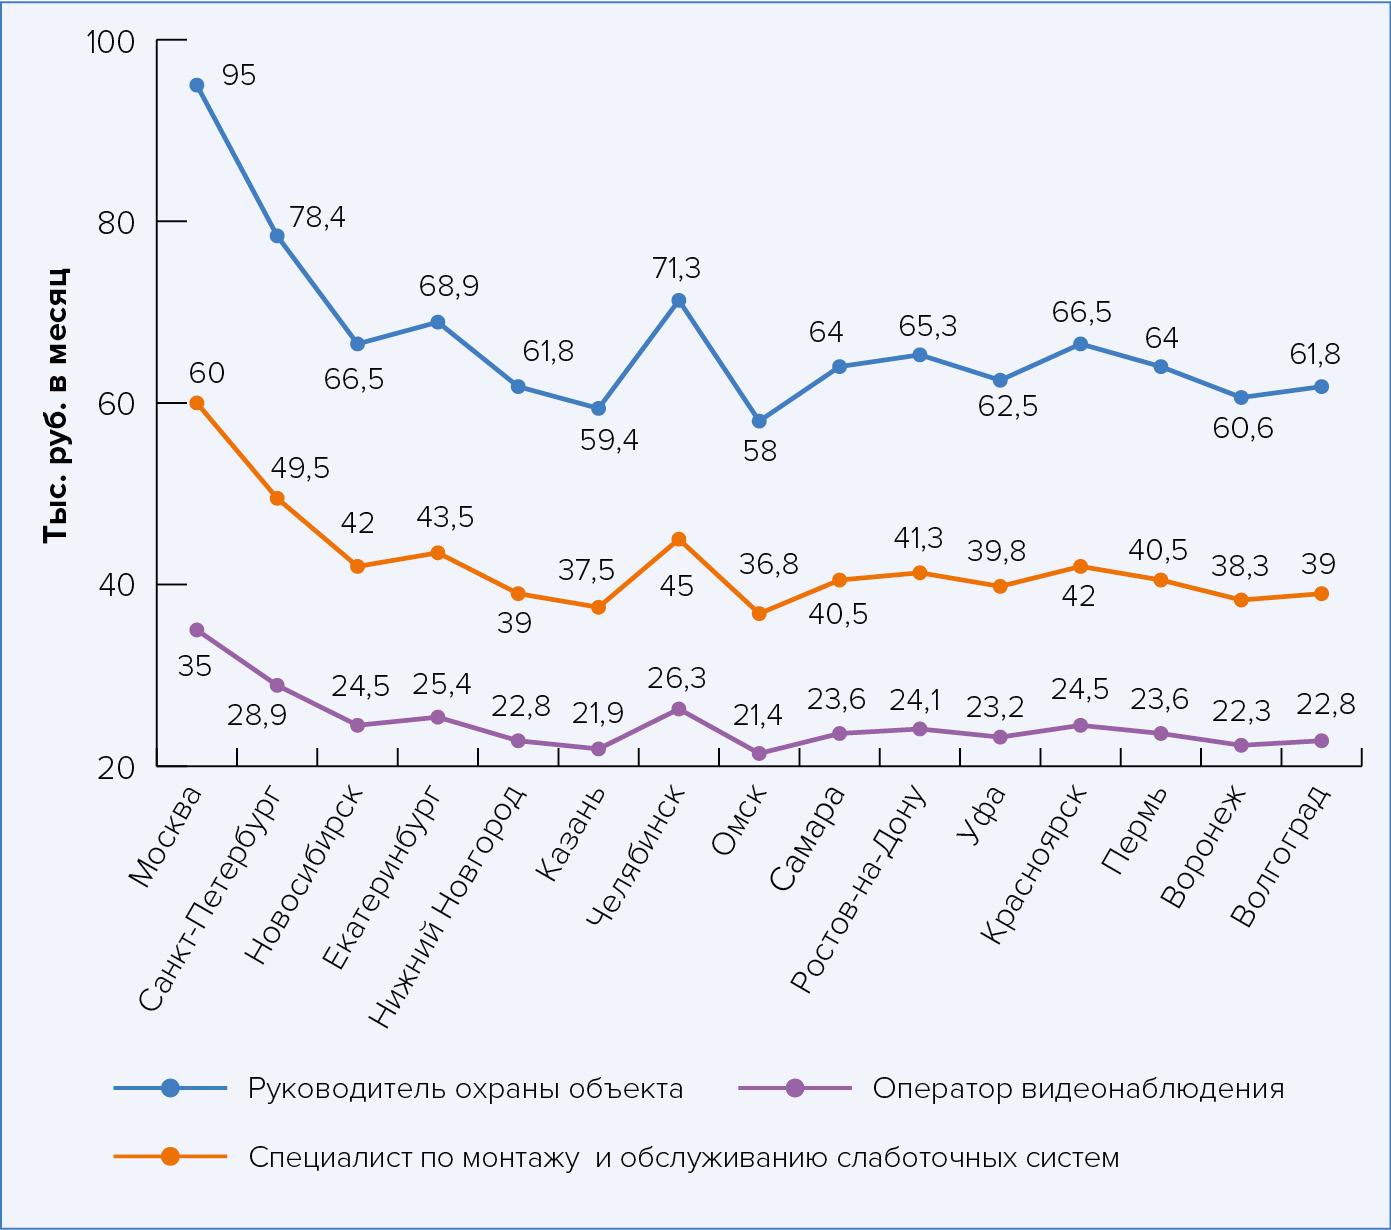 Среднее ежемесячные зарплаты для различных специалистов в области информационной безопастности ЦОДов в городах-миллиониках